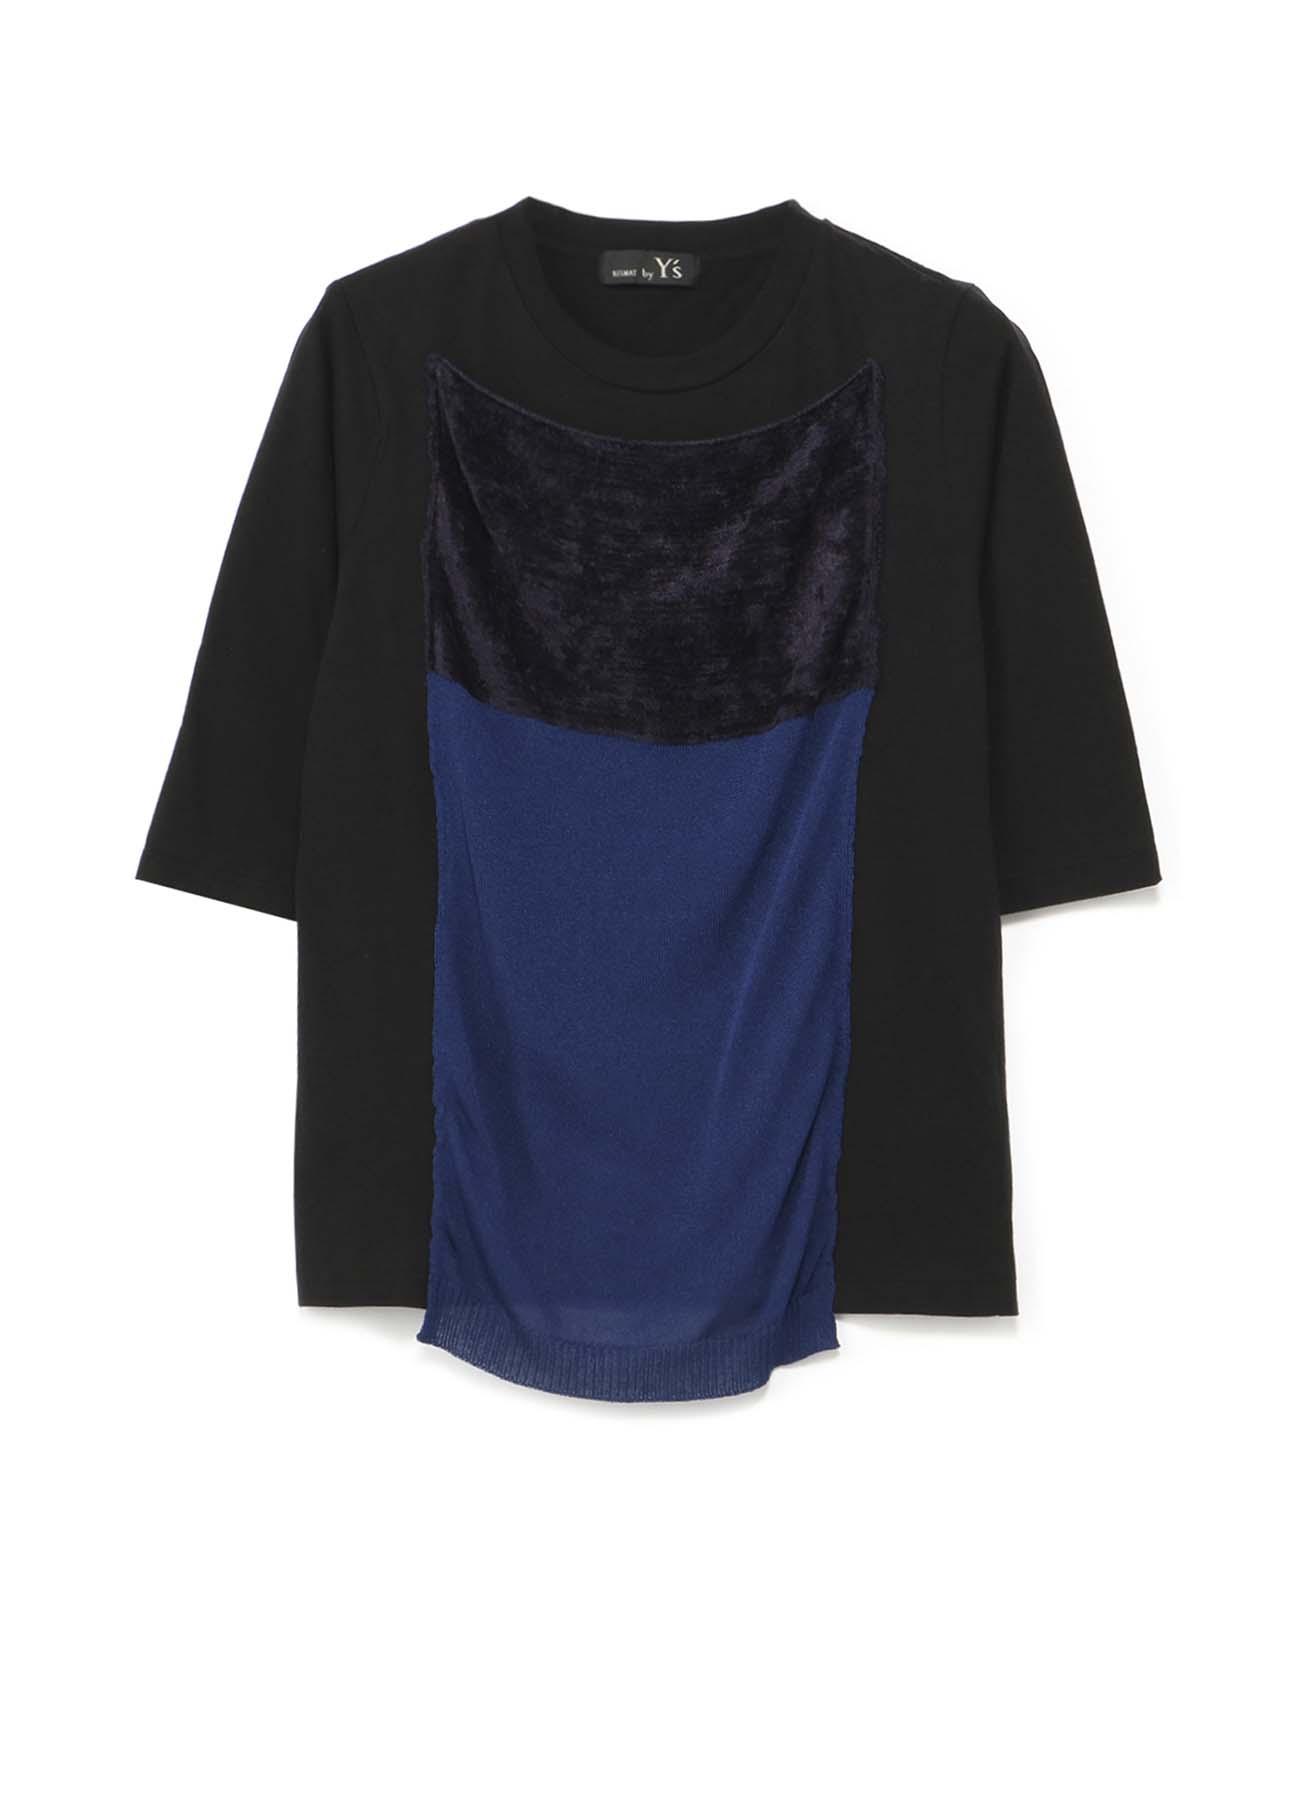 RISMATbyY's コットン天竺 モールニット付七分袖Tシャツ